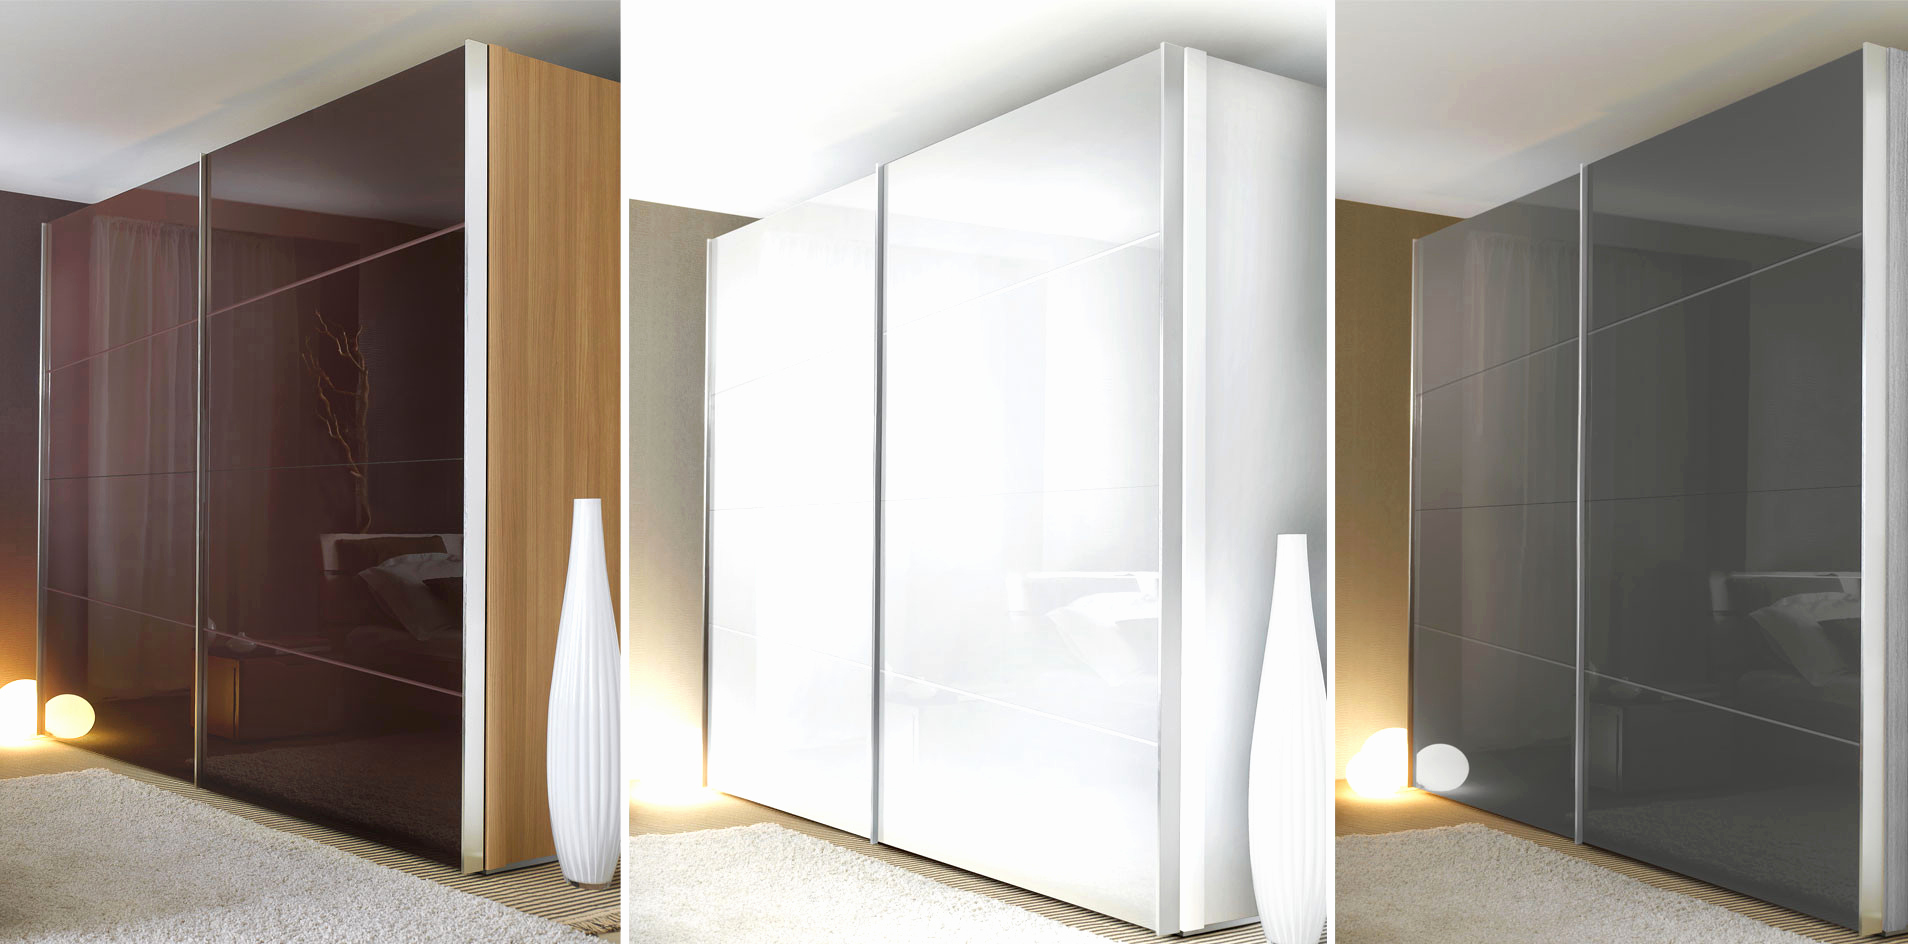 Kit Porte Coulissante Placard Nouveau Image Porte Placard Miroir Ikea Unique Portes Coulissantes Placard Ikea